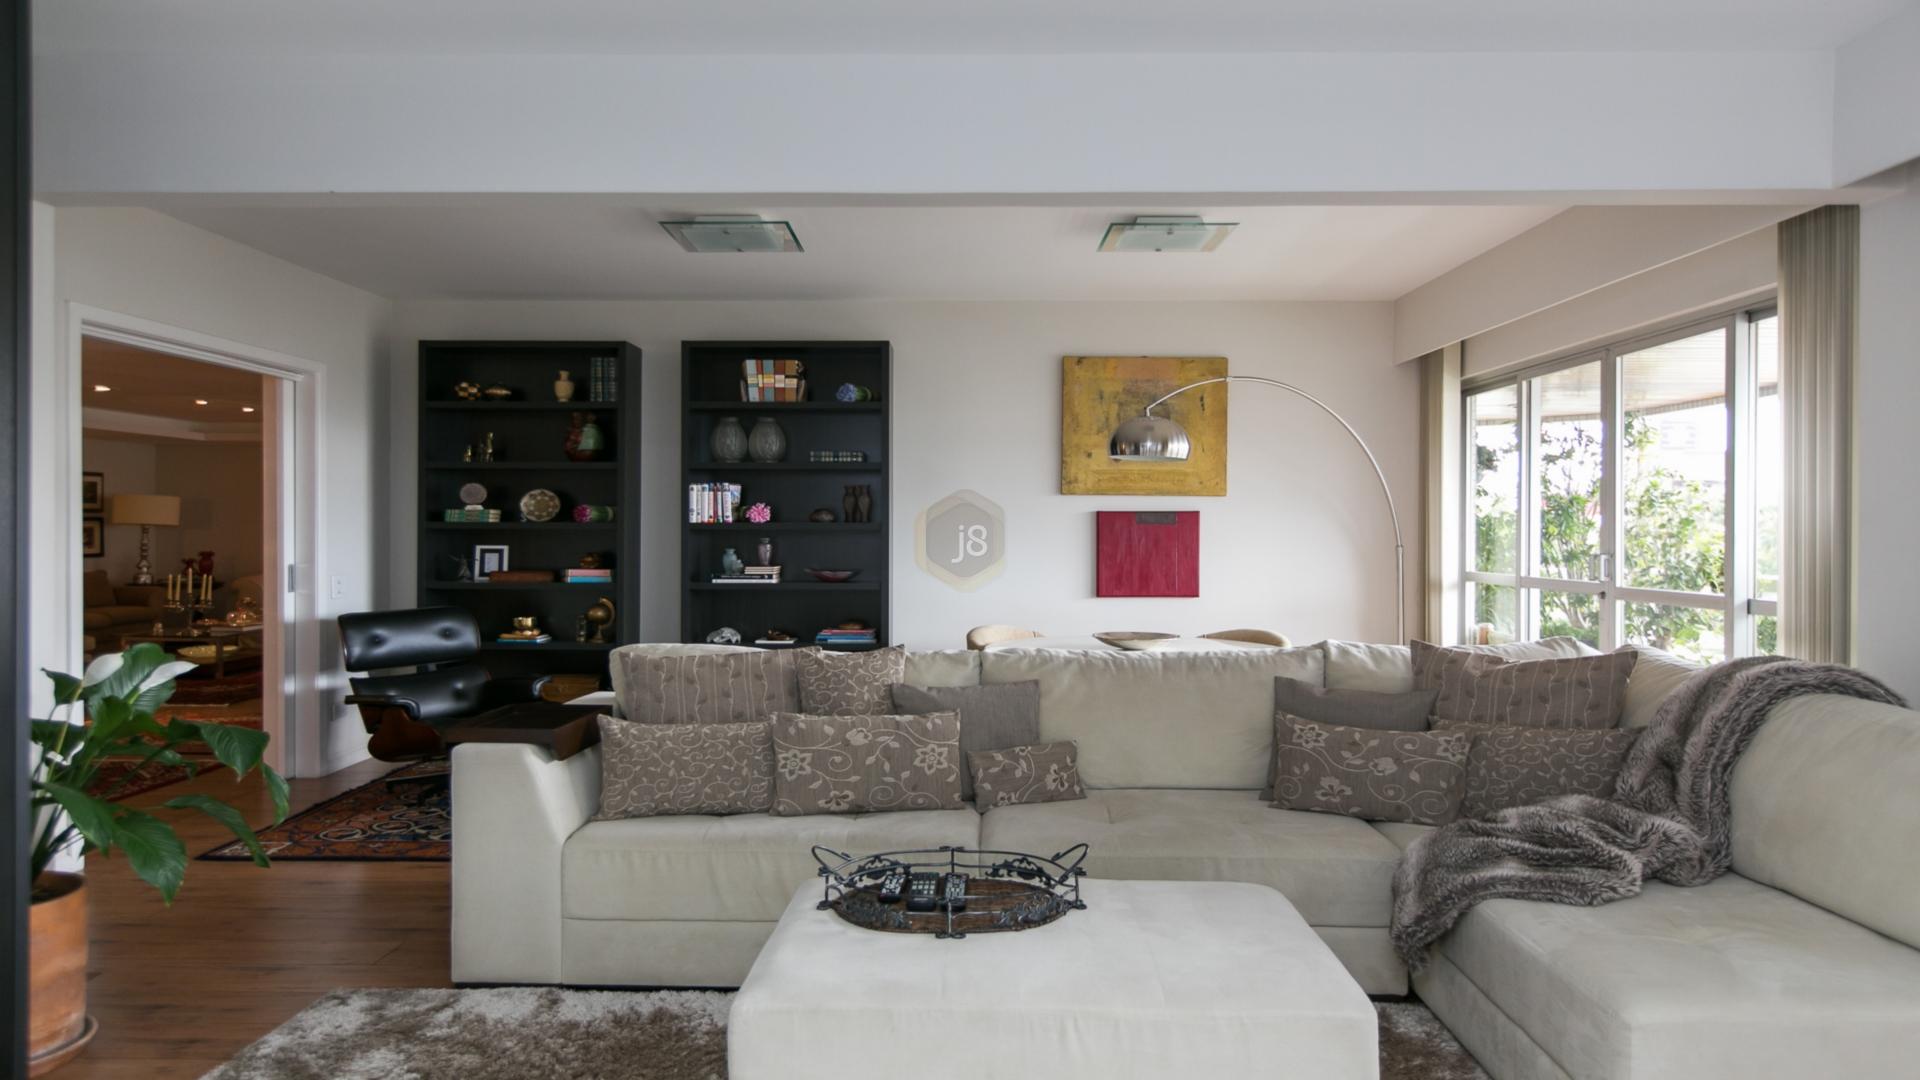 Foto de destaque Venha morar em um aconchegante apartamento